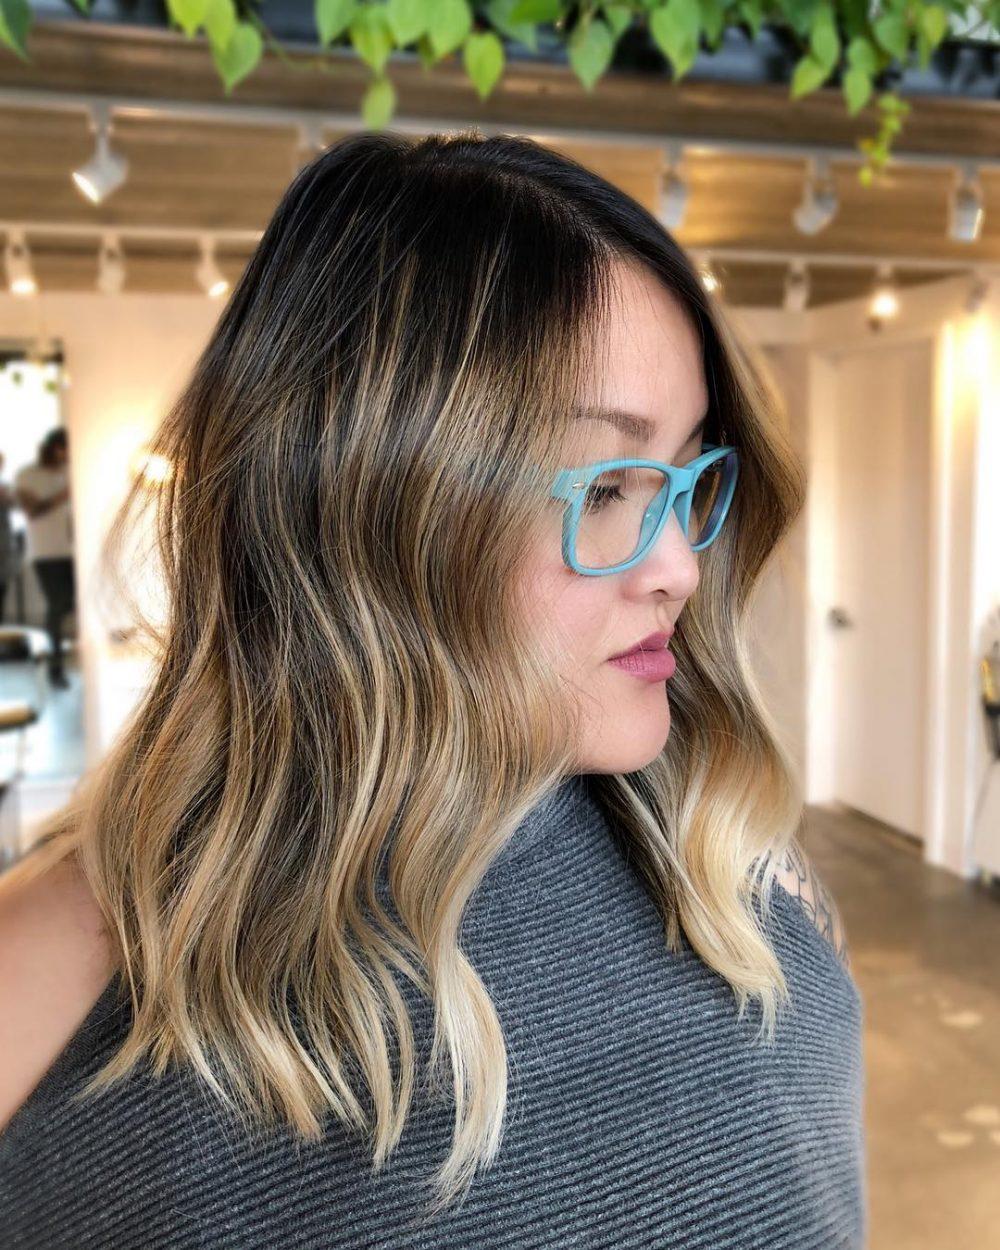 Teasy Highlights on Collarbone Length Hair